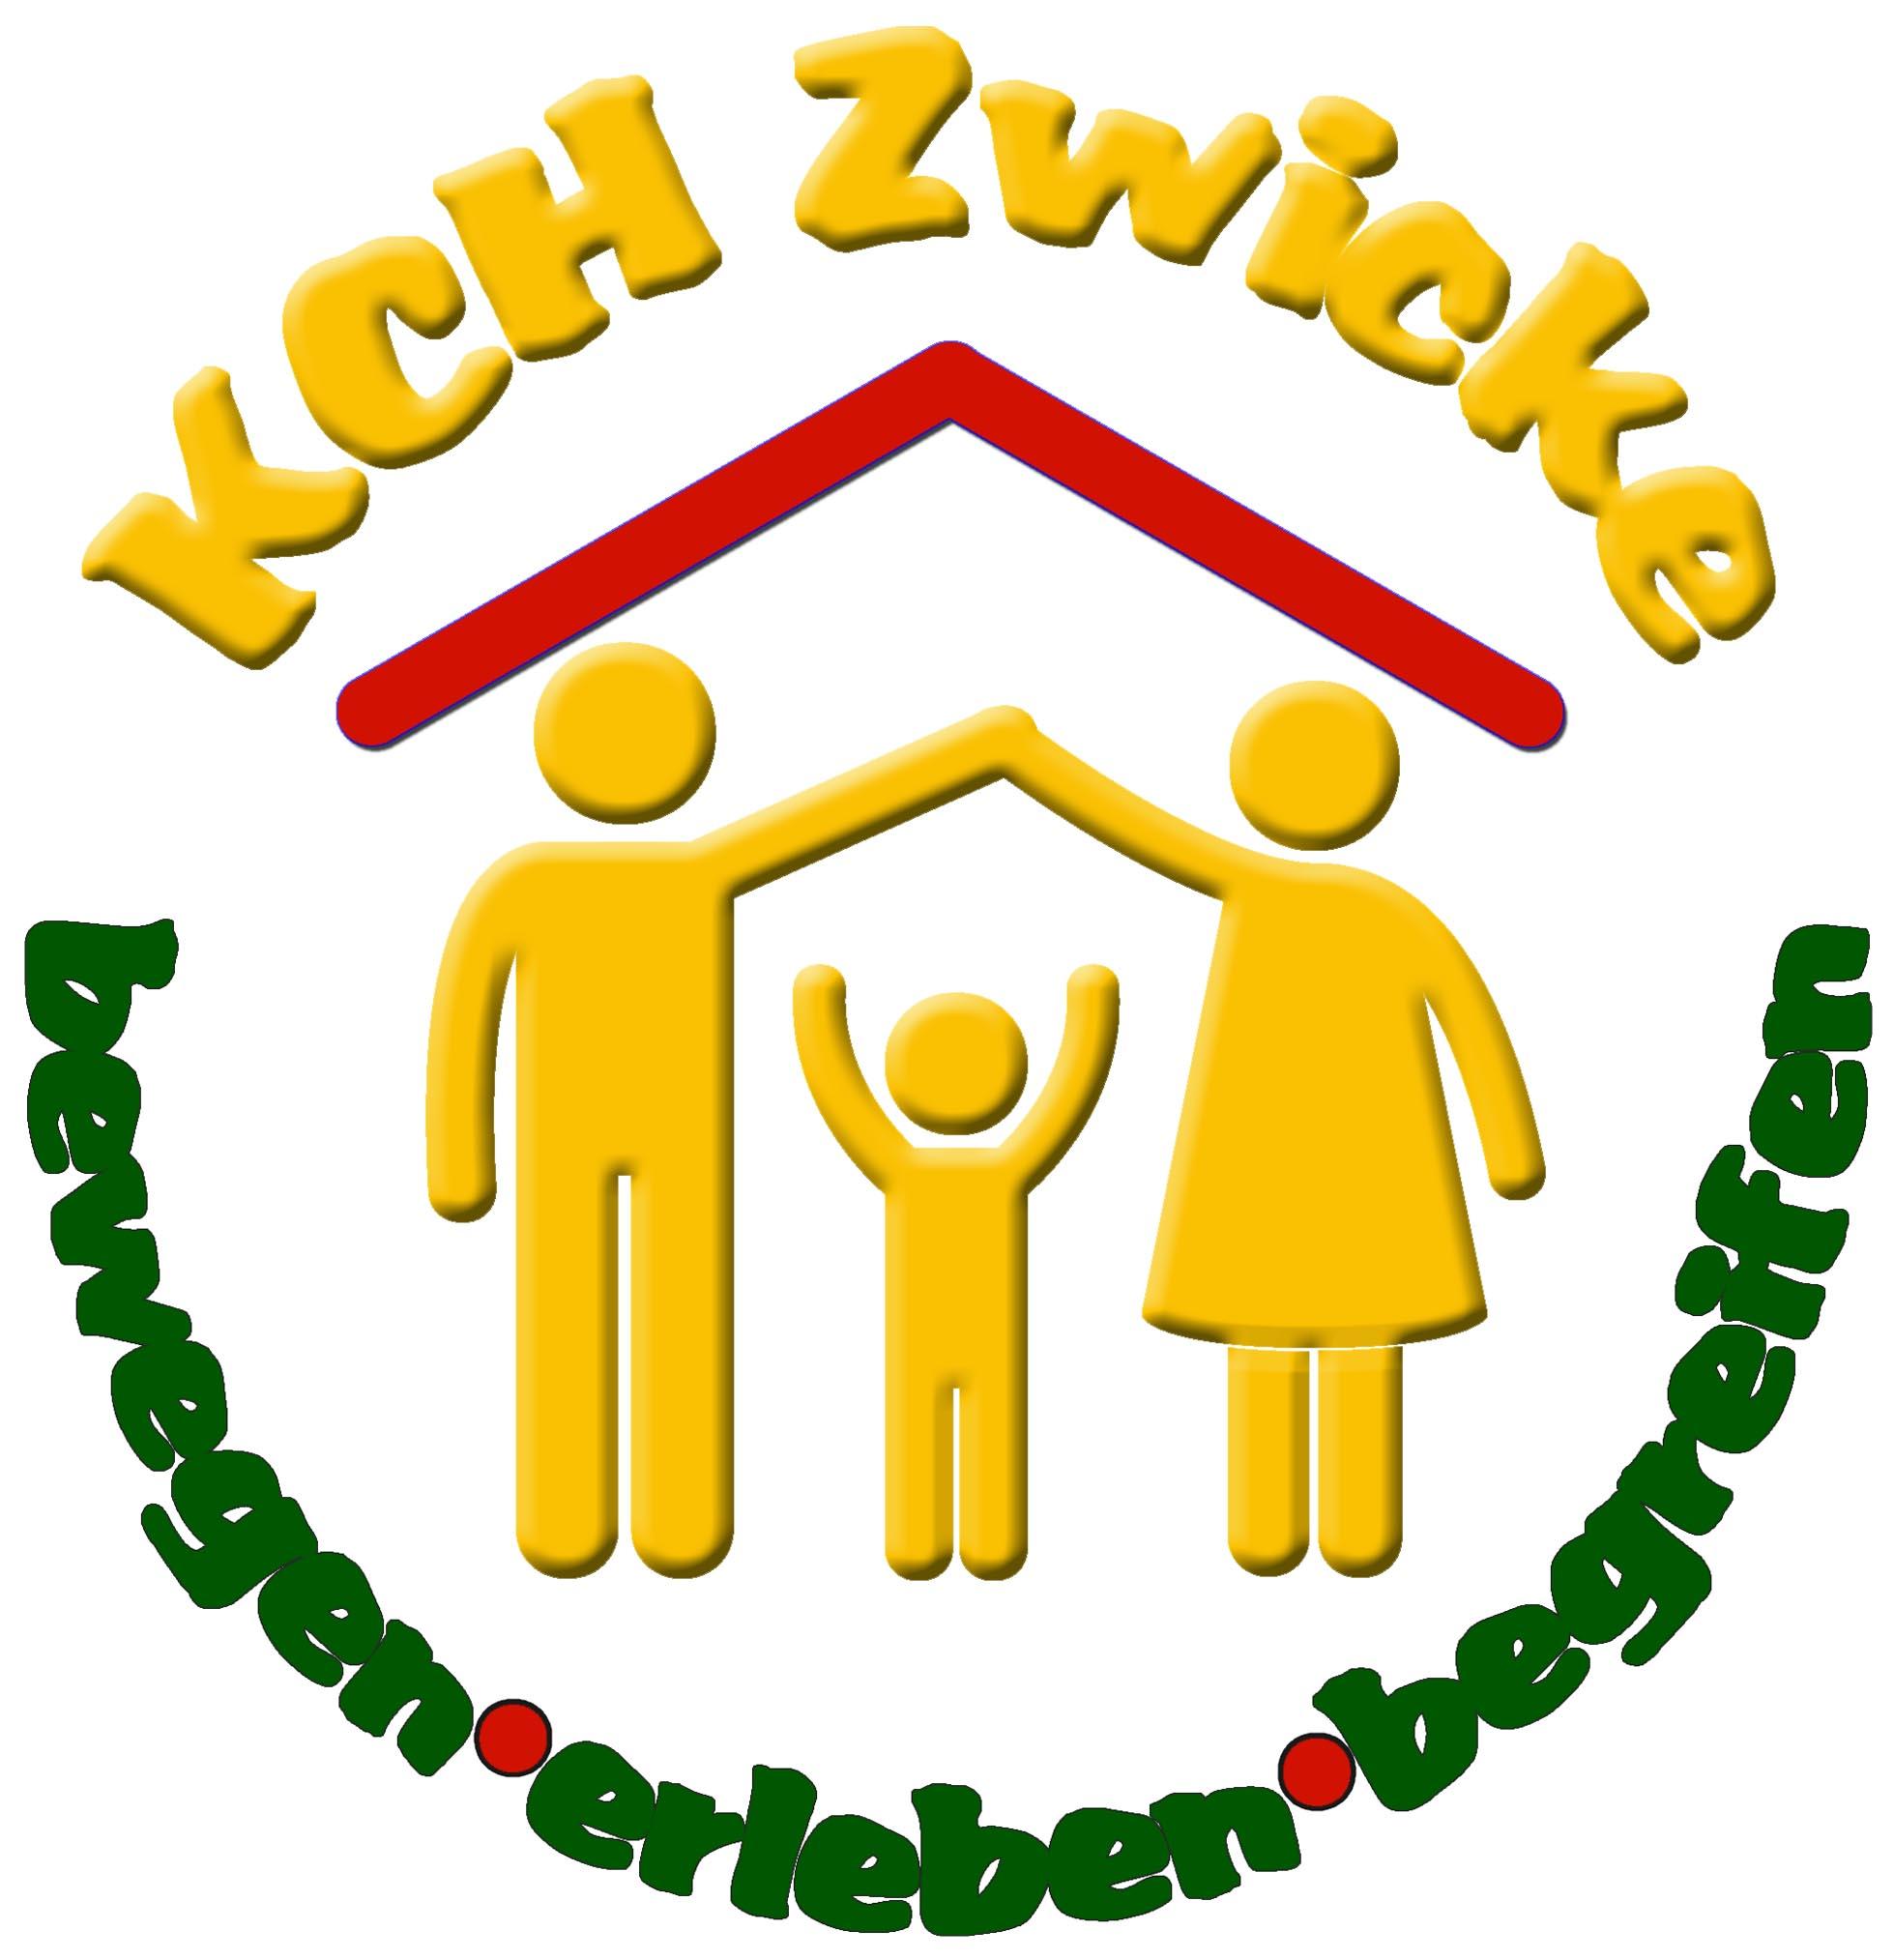 kch Zwicke.cdr